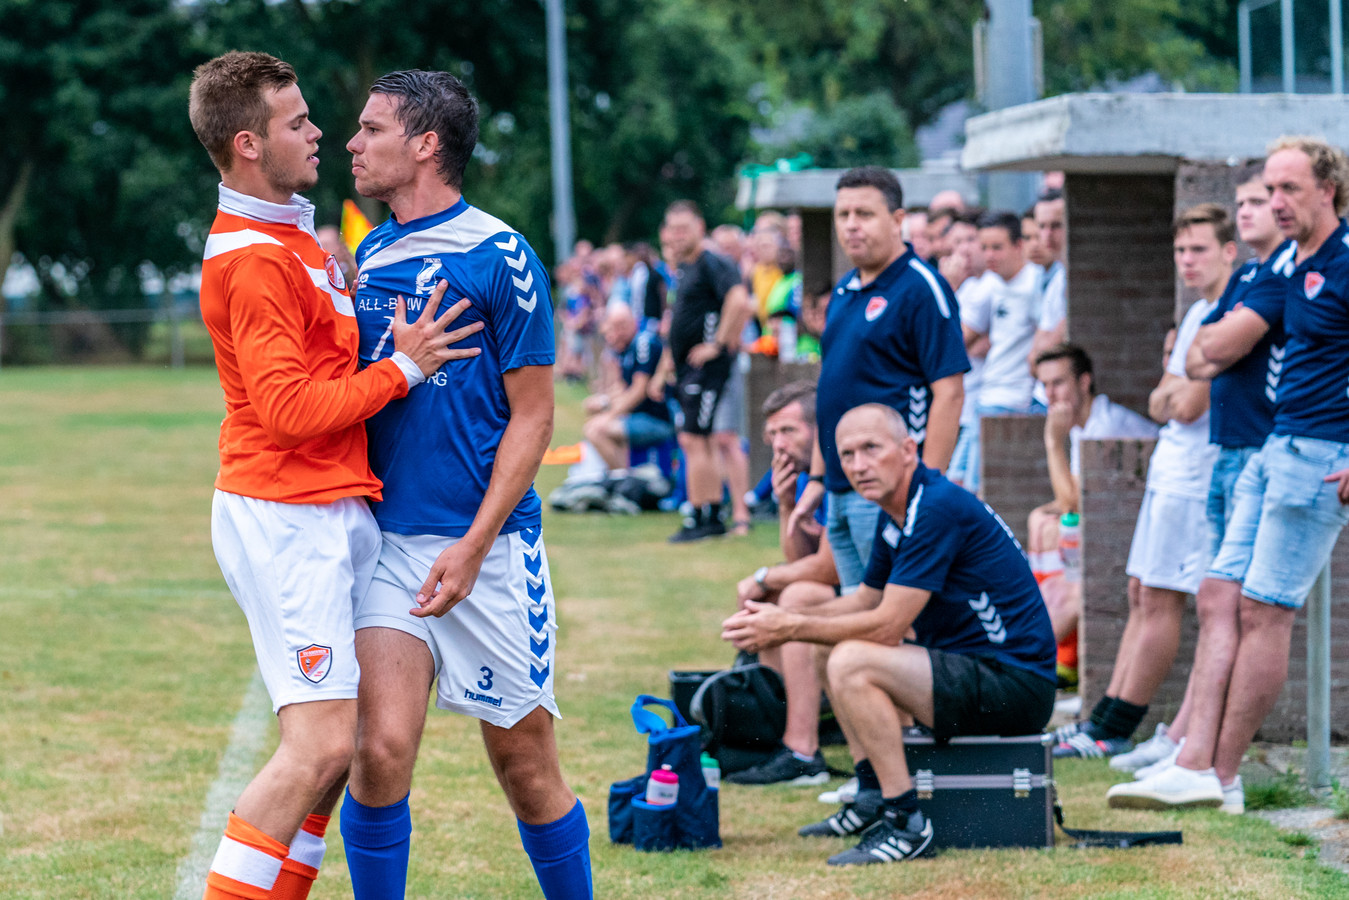 De gemoederen lopen op in een drukbezochte oefenwedstrijd tussen GVA en SV Angeren in augustus 2020.